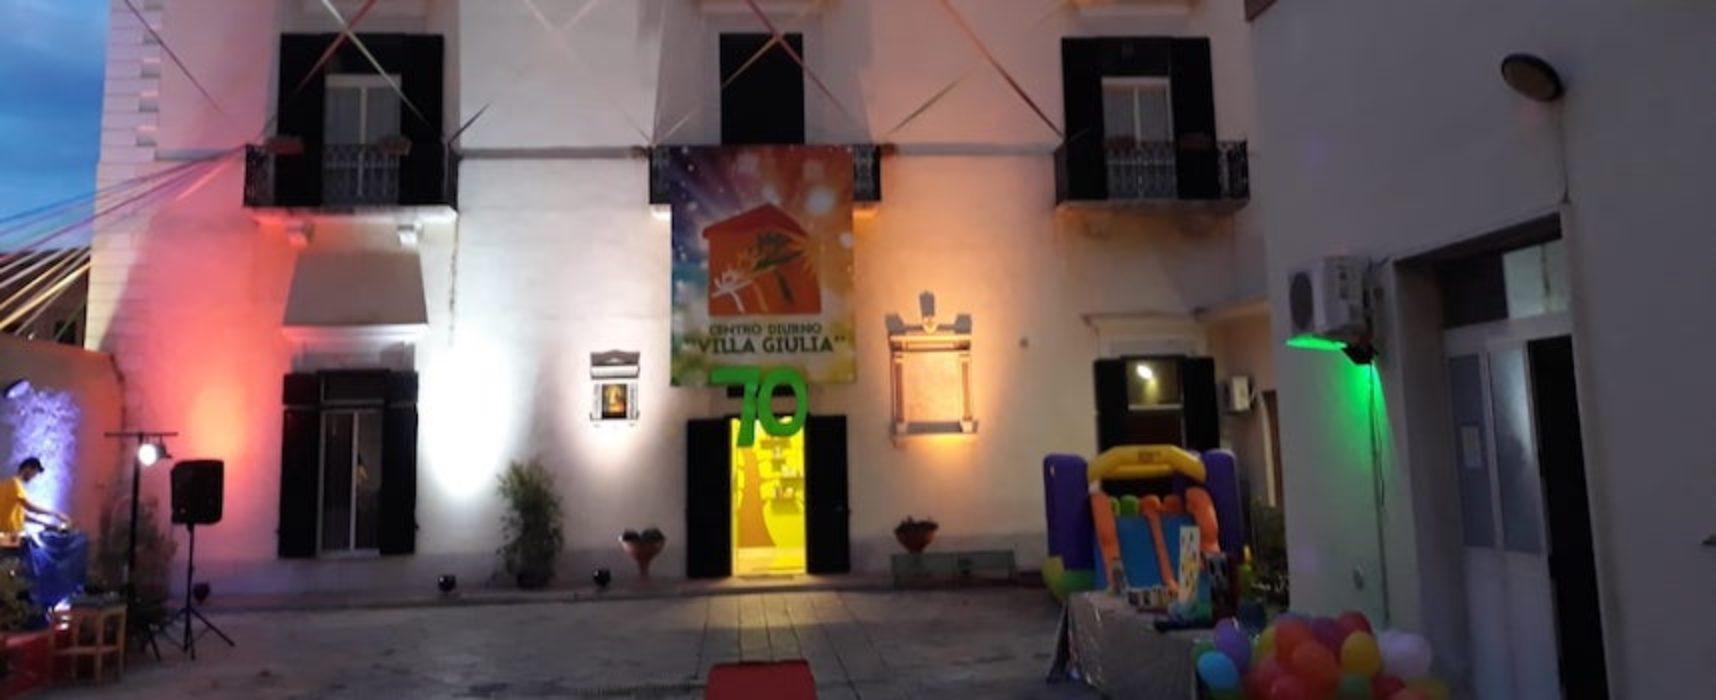 """Villa Giulia, appello alla Regione: """"Bambini costretti a casa per mancanza di fondi"""""""